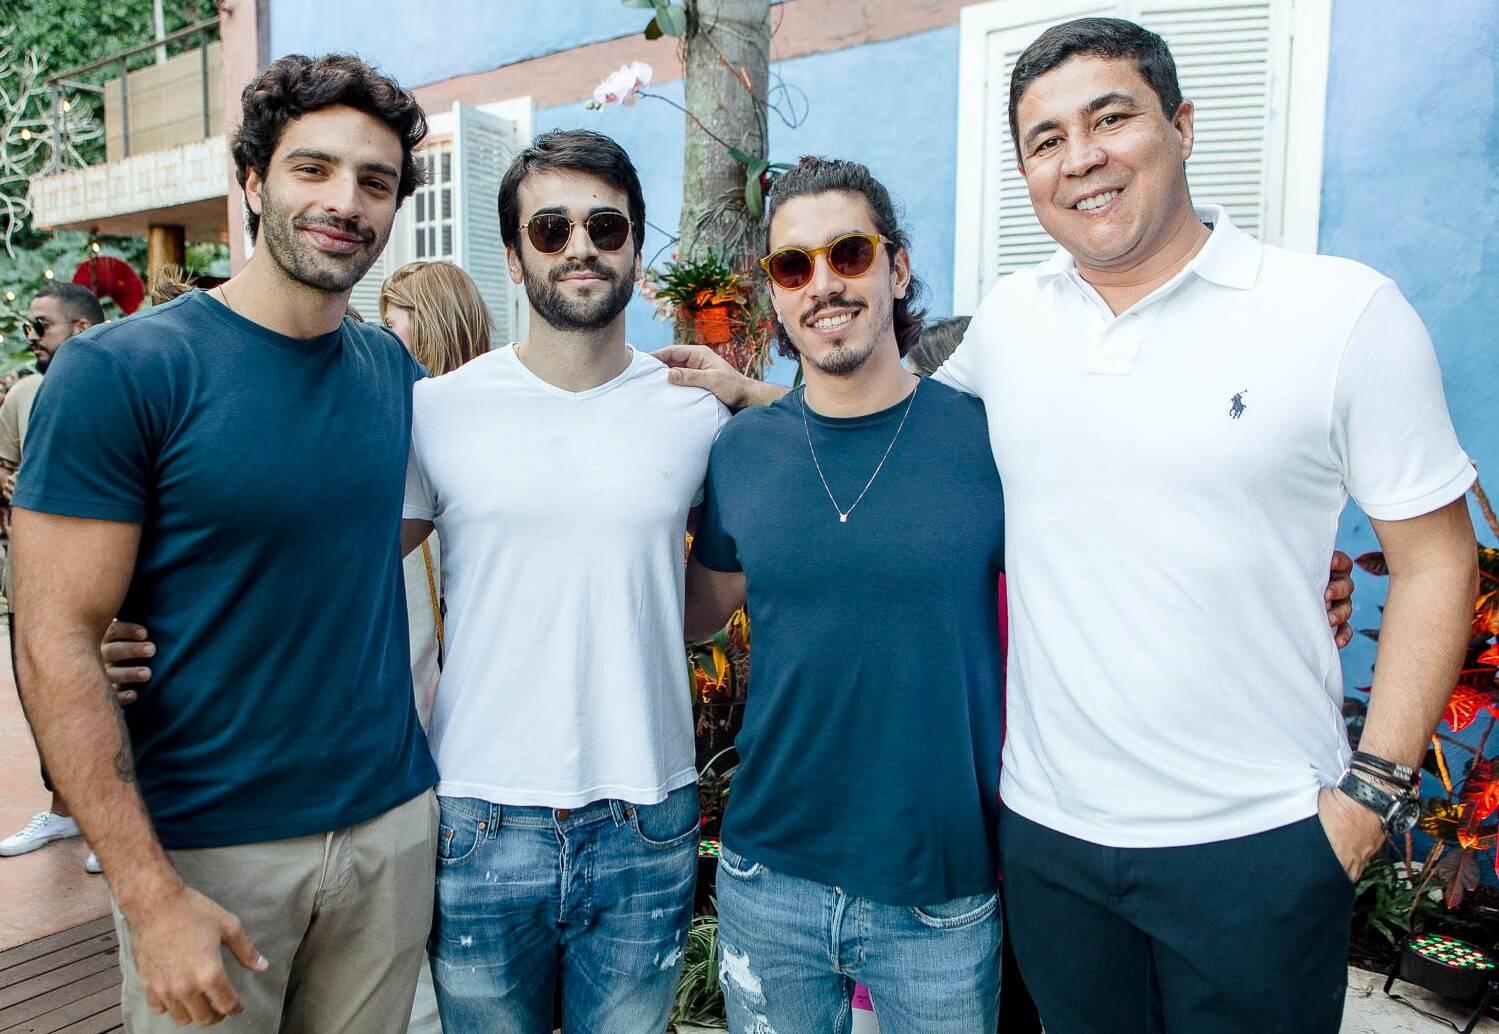 Antônio Aguiar, Luís Felipe Vilhena, Gabriel David e Diógenes Queiroz / Foto: Bruno Ryfer